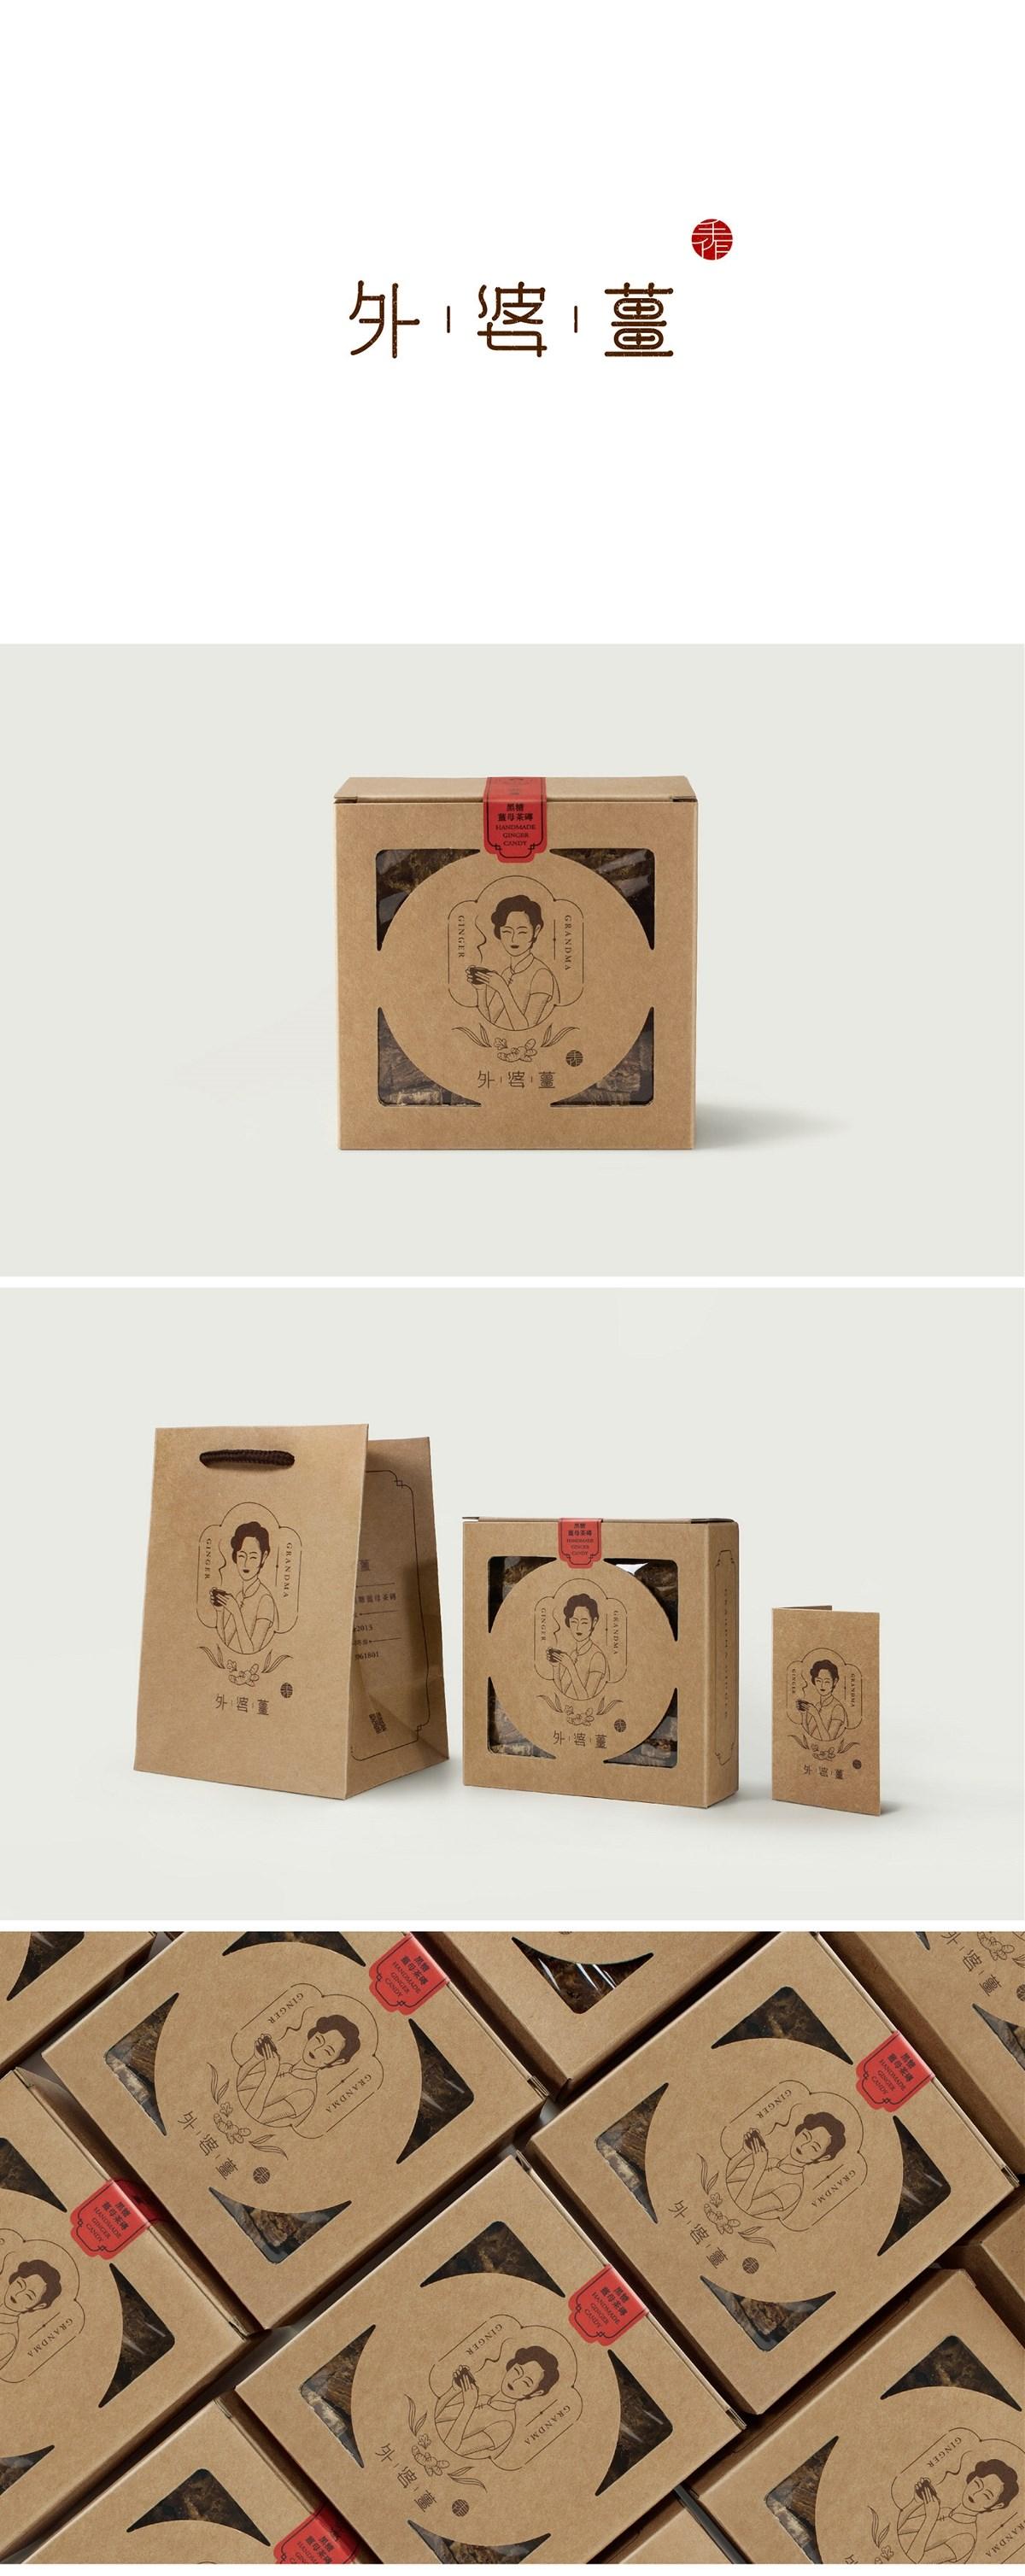 台湾地区设计师的优秀作品欣赏 | 手绘 意境 插画 包装